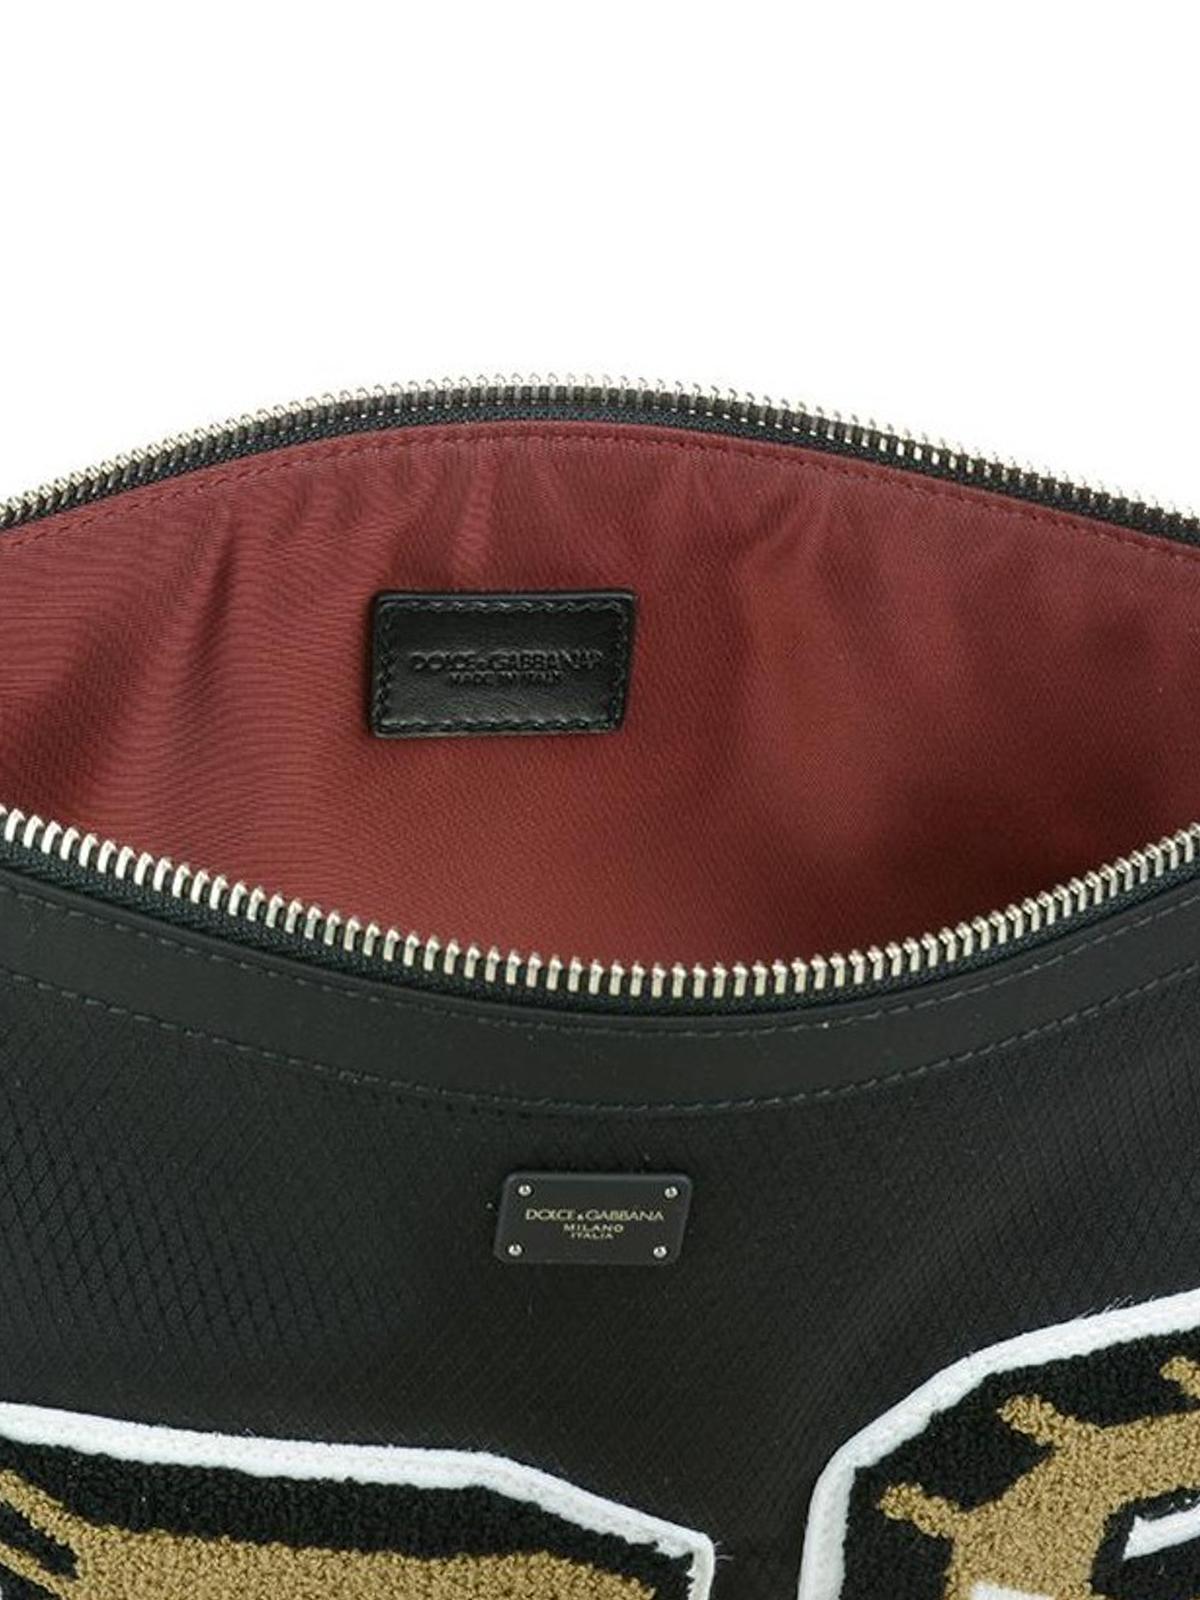 Dolce & Gabbana DG Royal pouch nR3fO